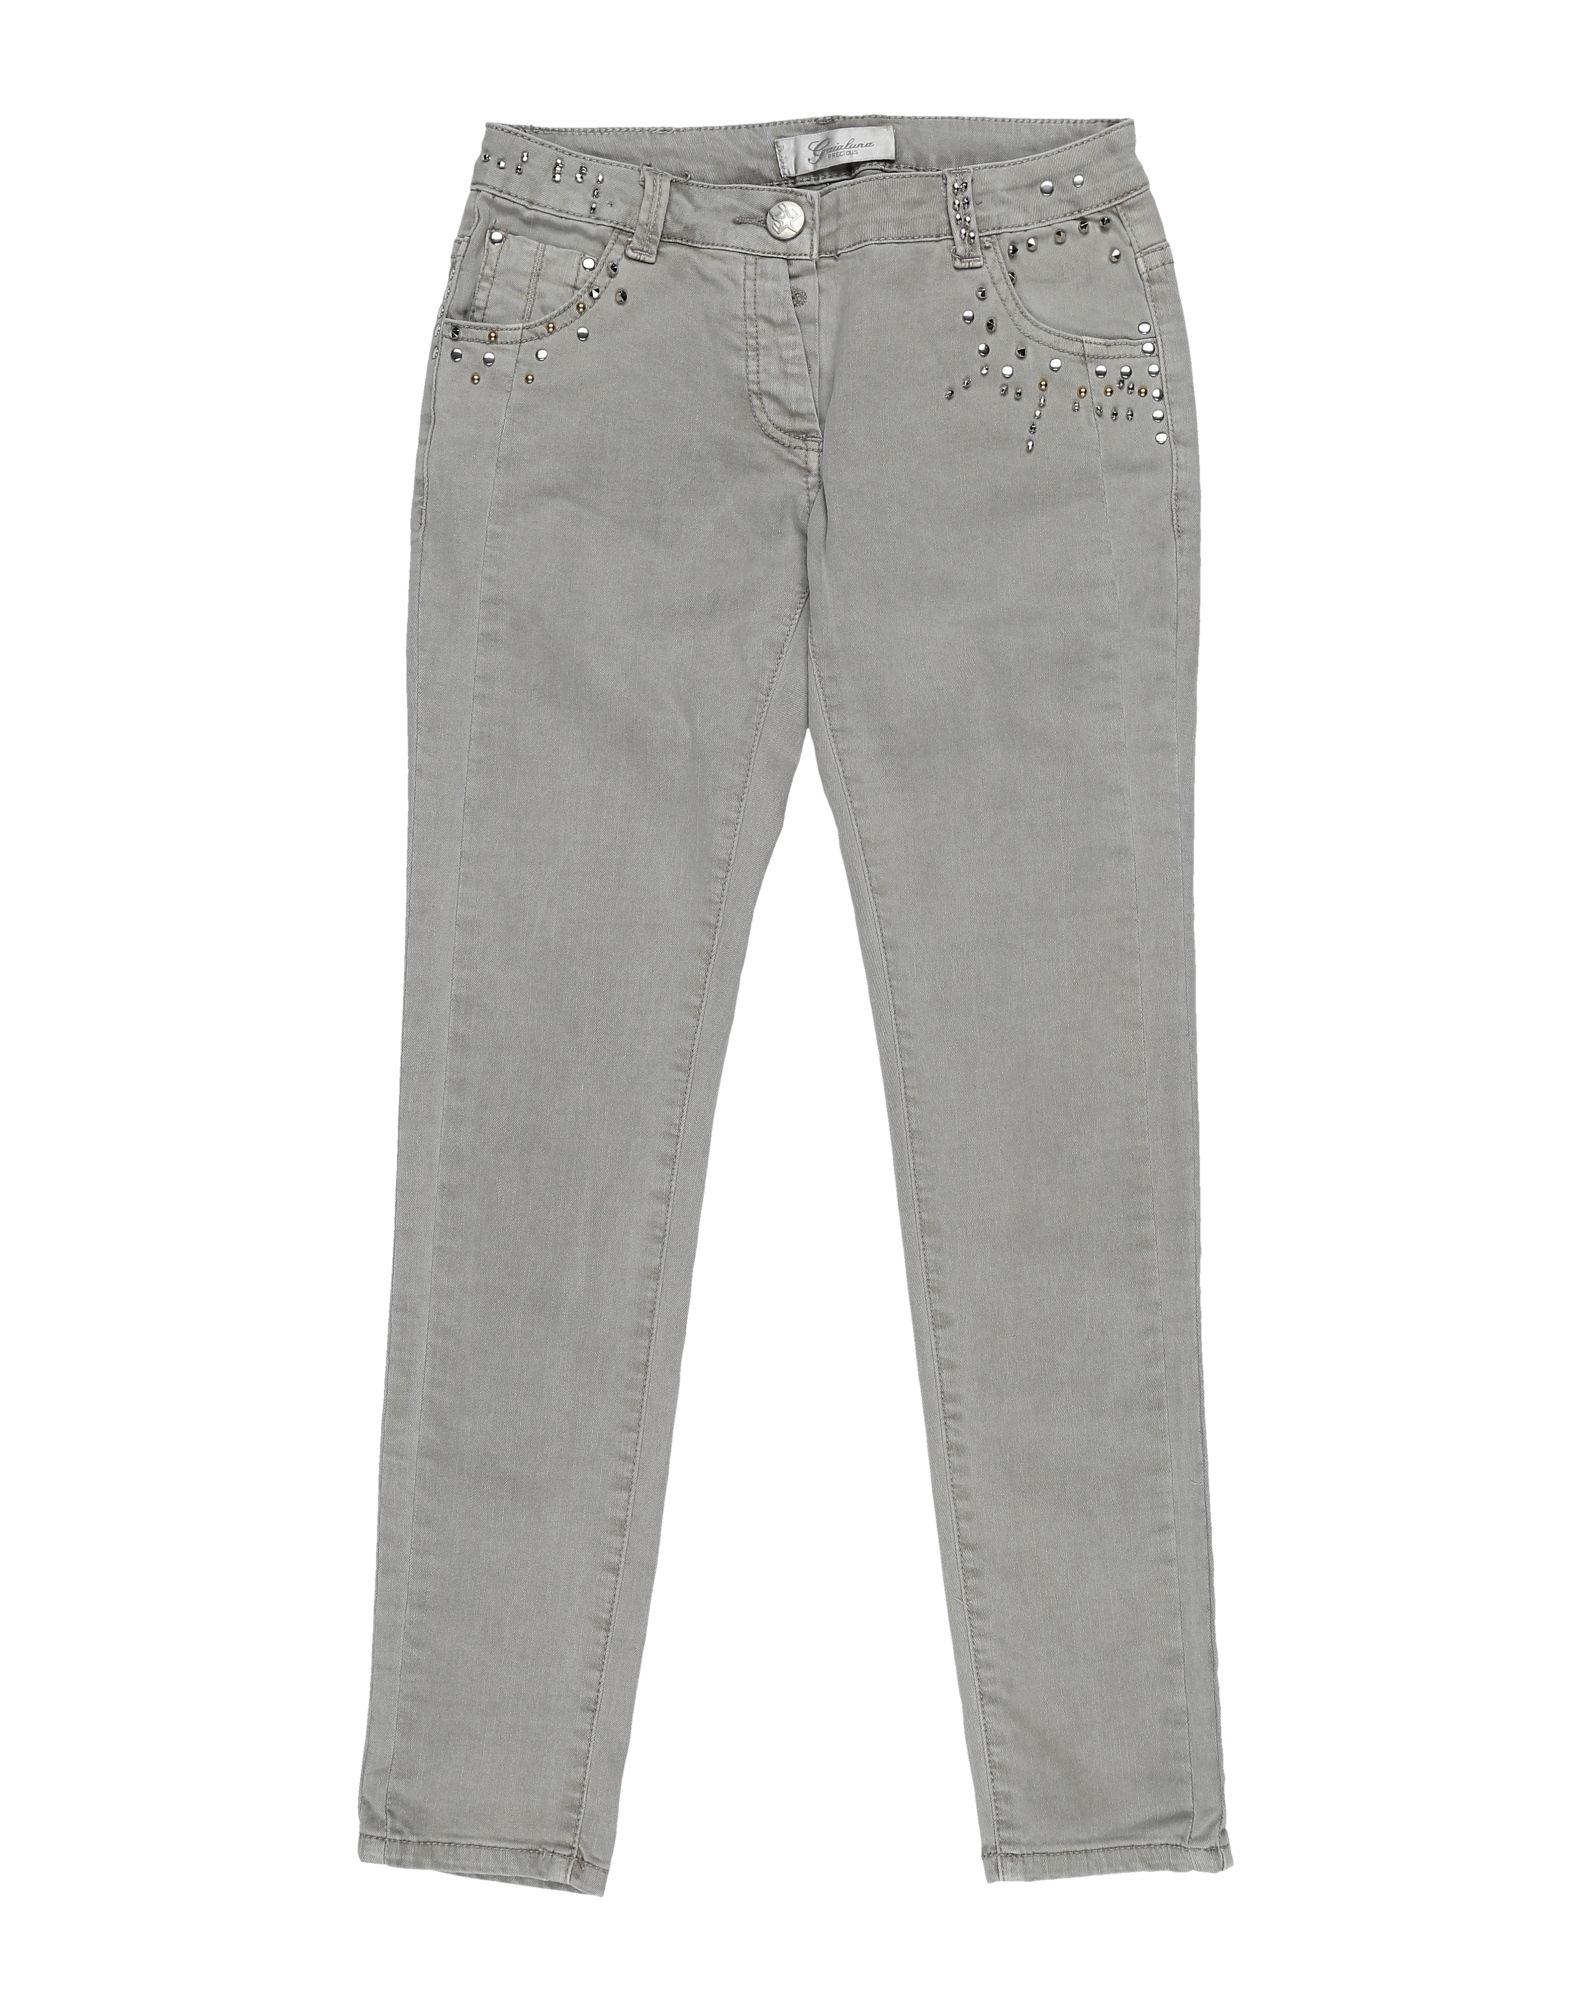 GAIALUNA Джинсовые брюки юбка для девочки ge520408 разноцветный gaialuna